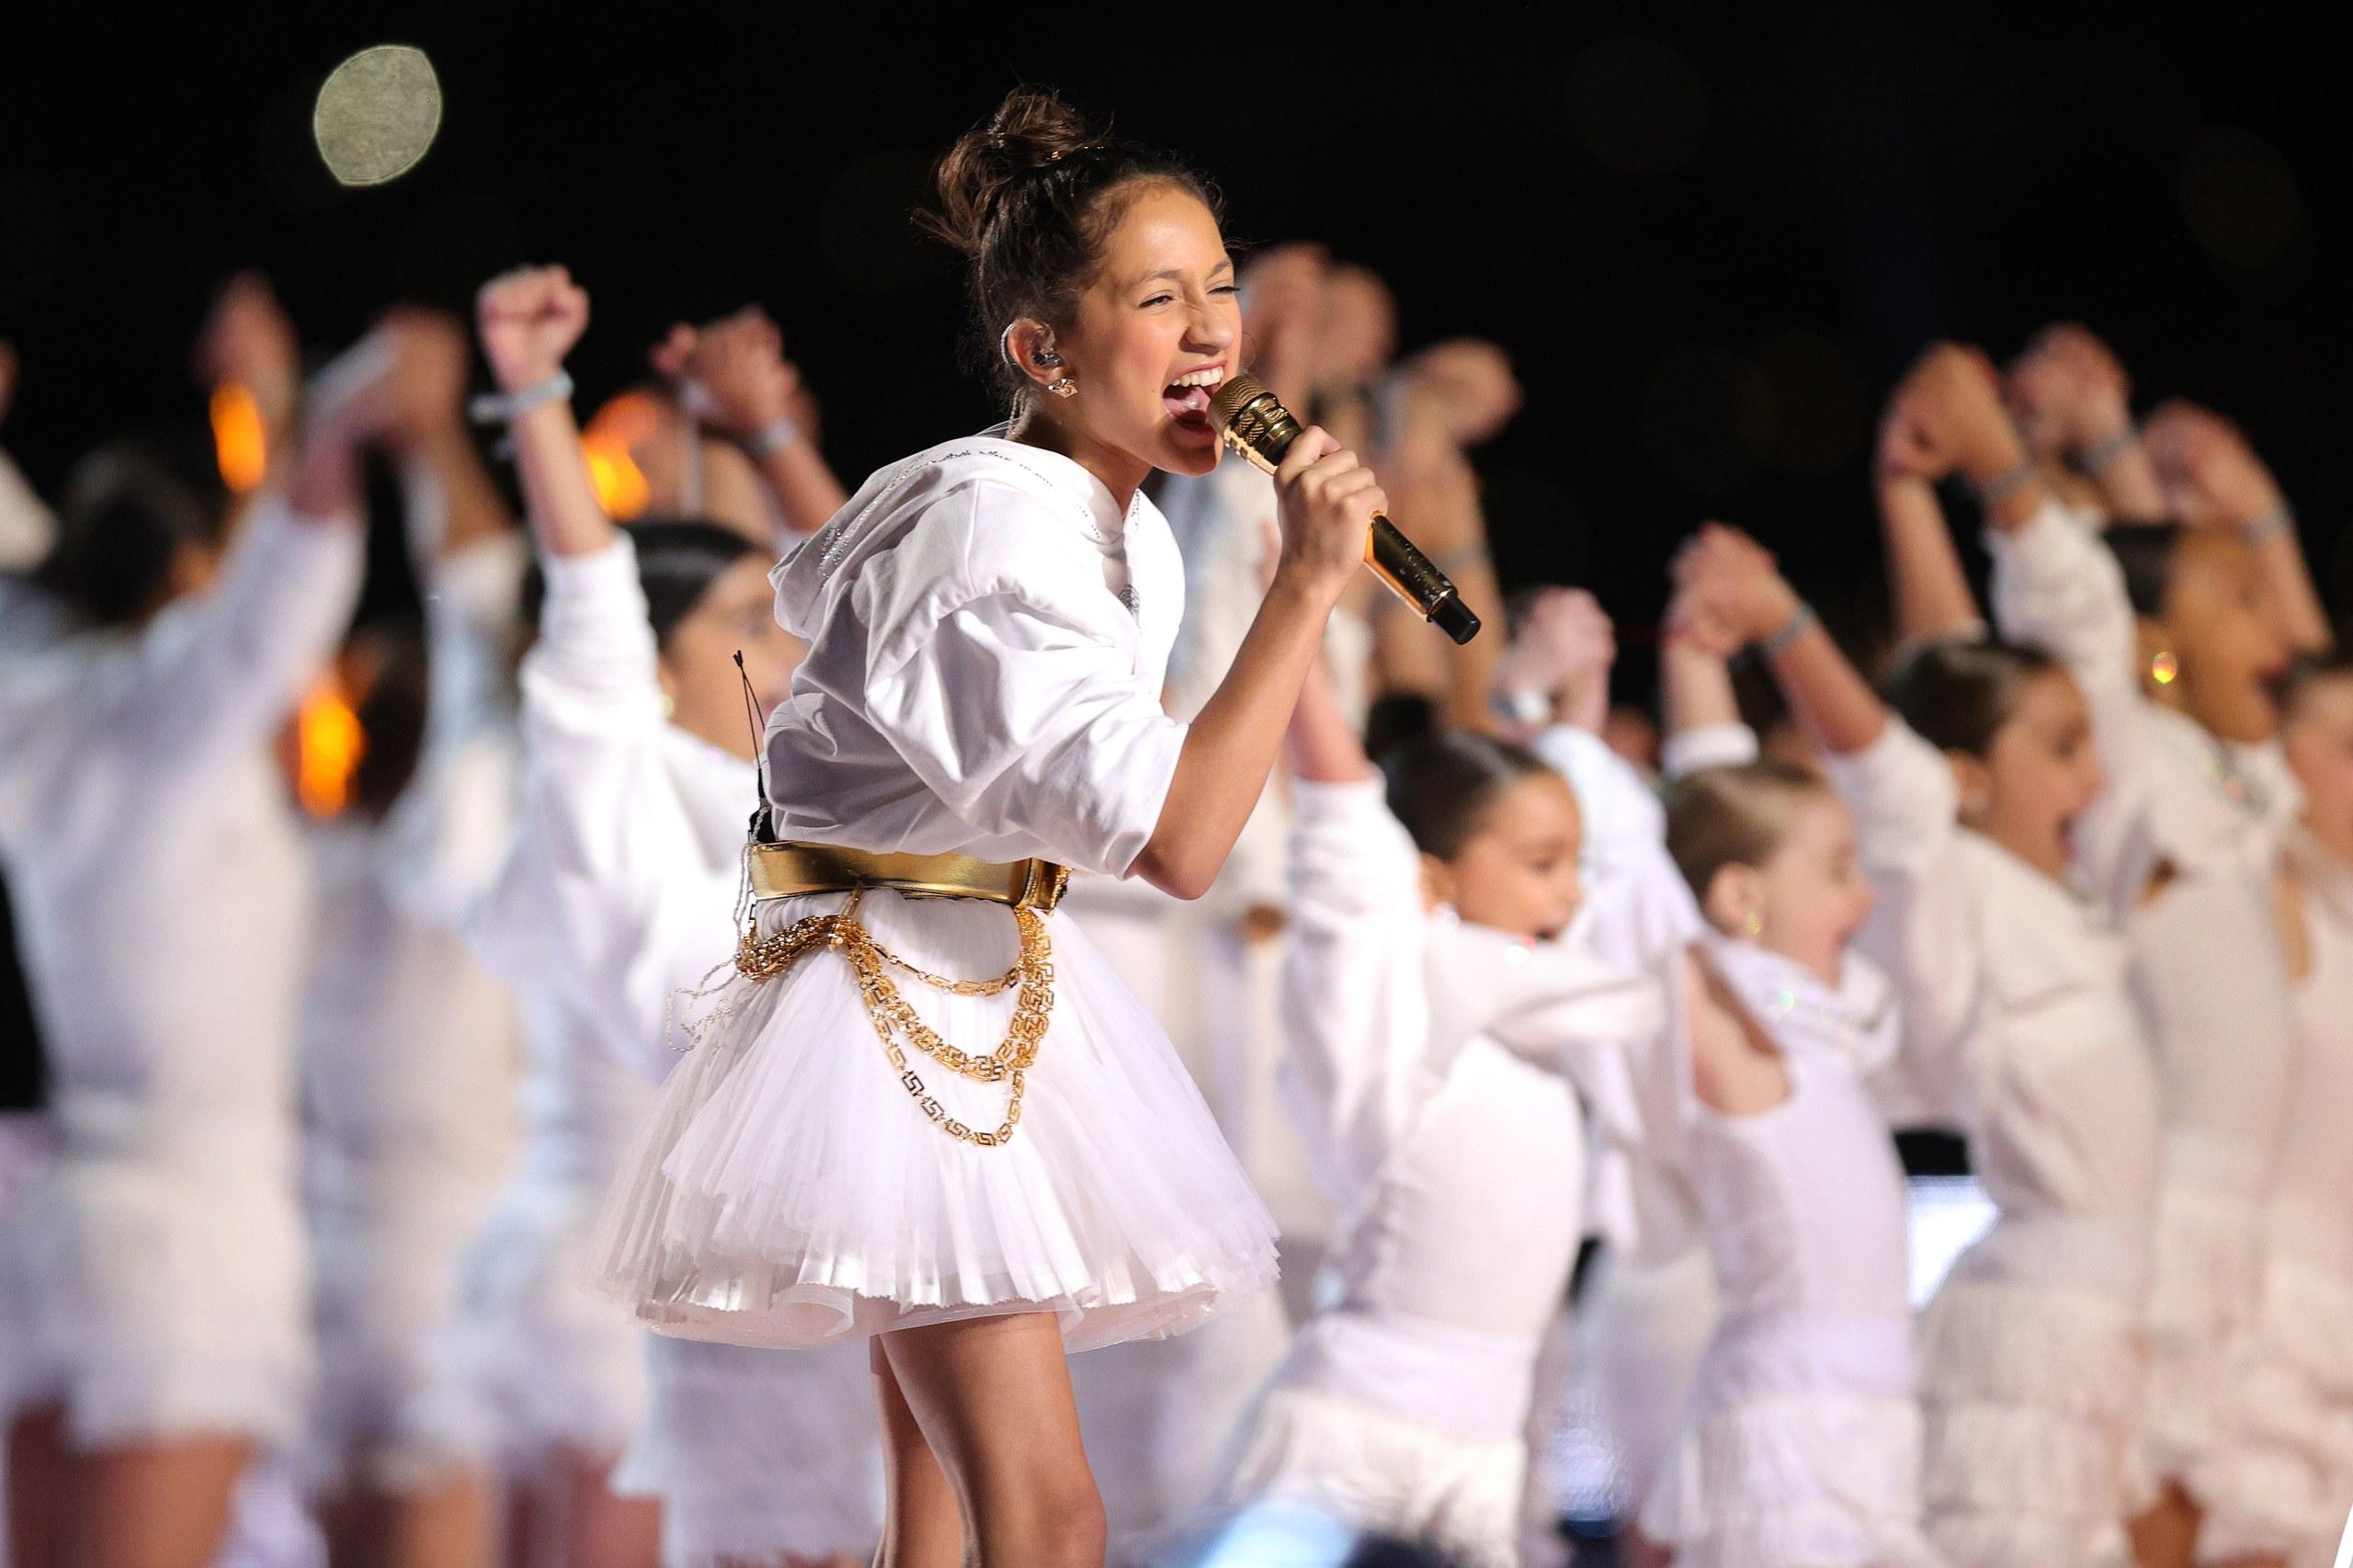 khoảnh khắc con gái Emme Muñiz của ca sĩ Jennifer Lopez xuất hiện trên sân khấu Super Bowl